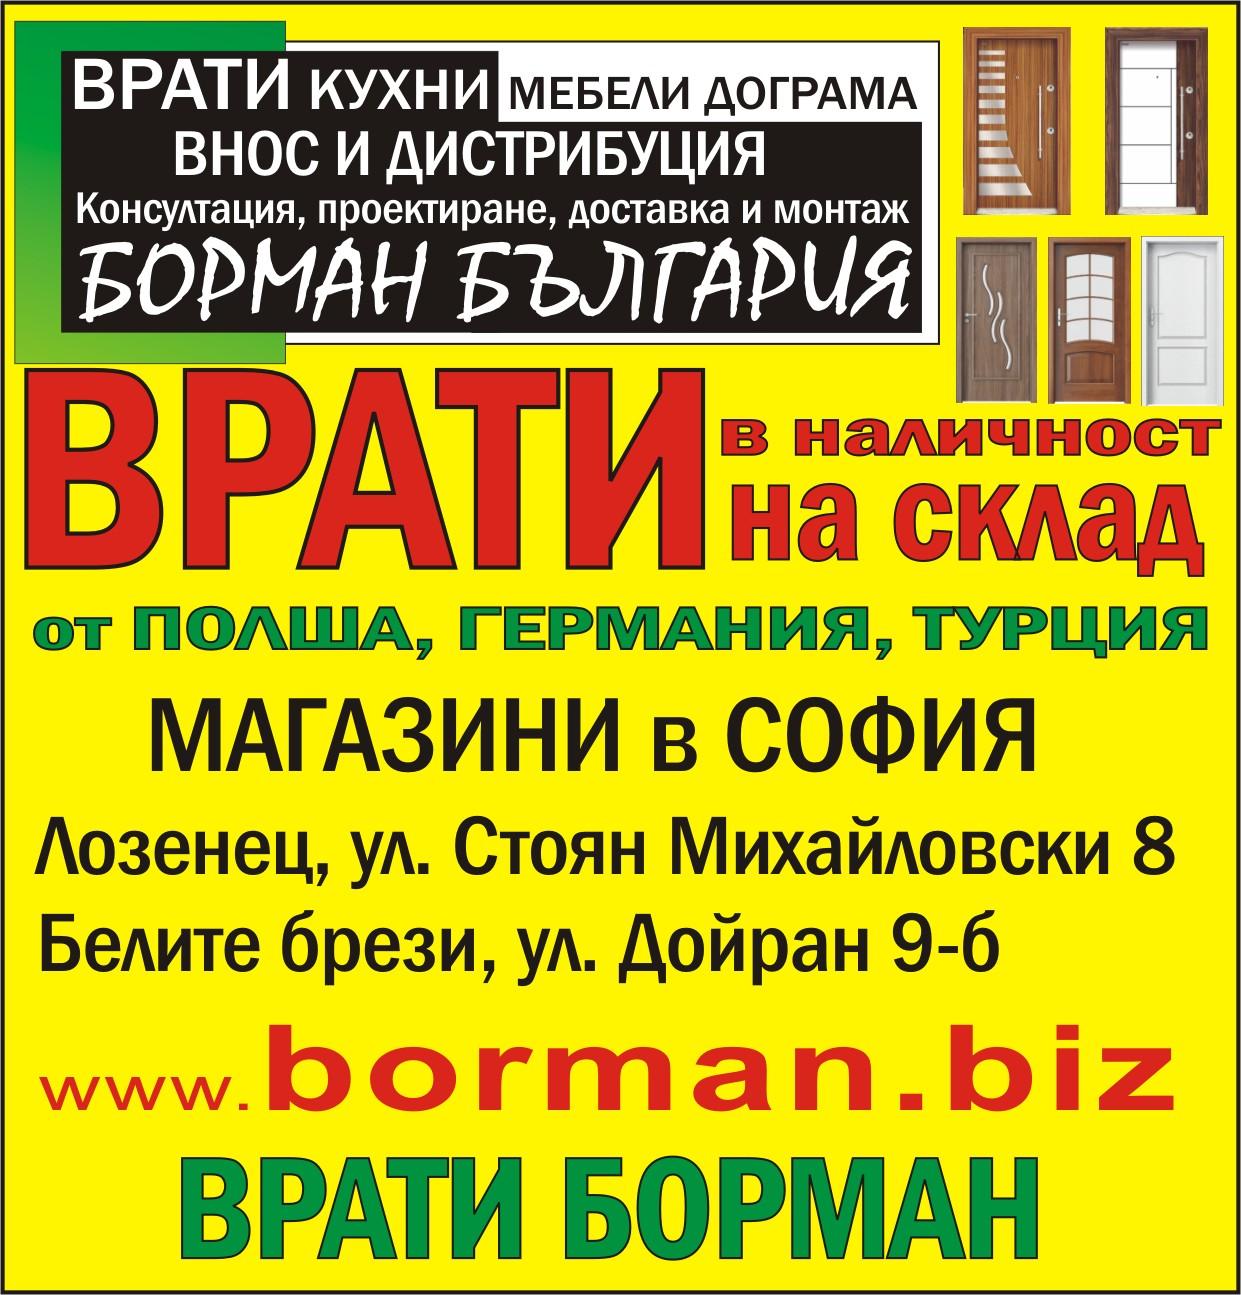 borman-vrati_magazini_sofia_bg